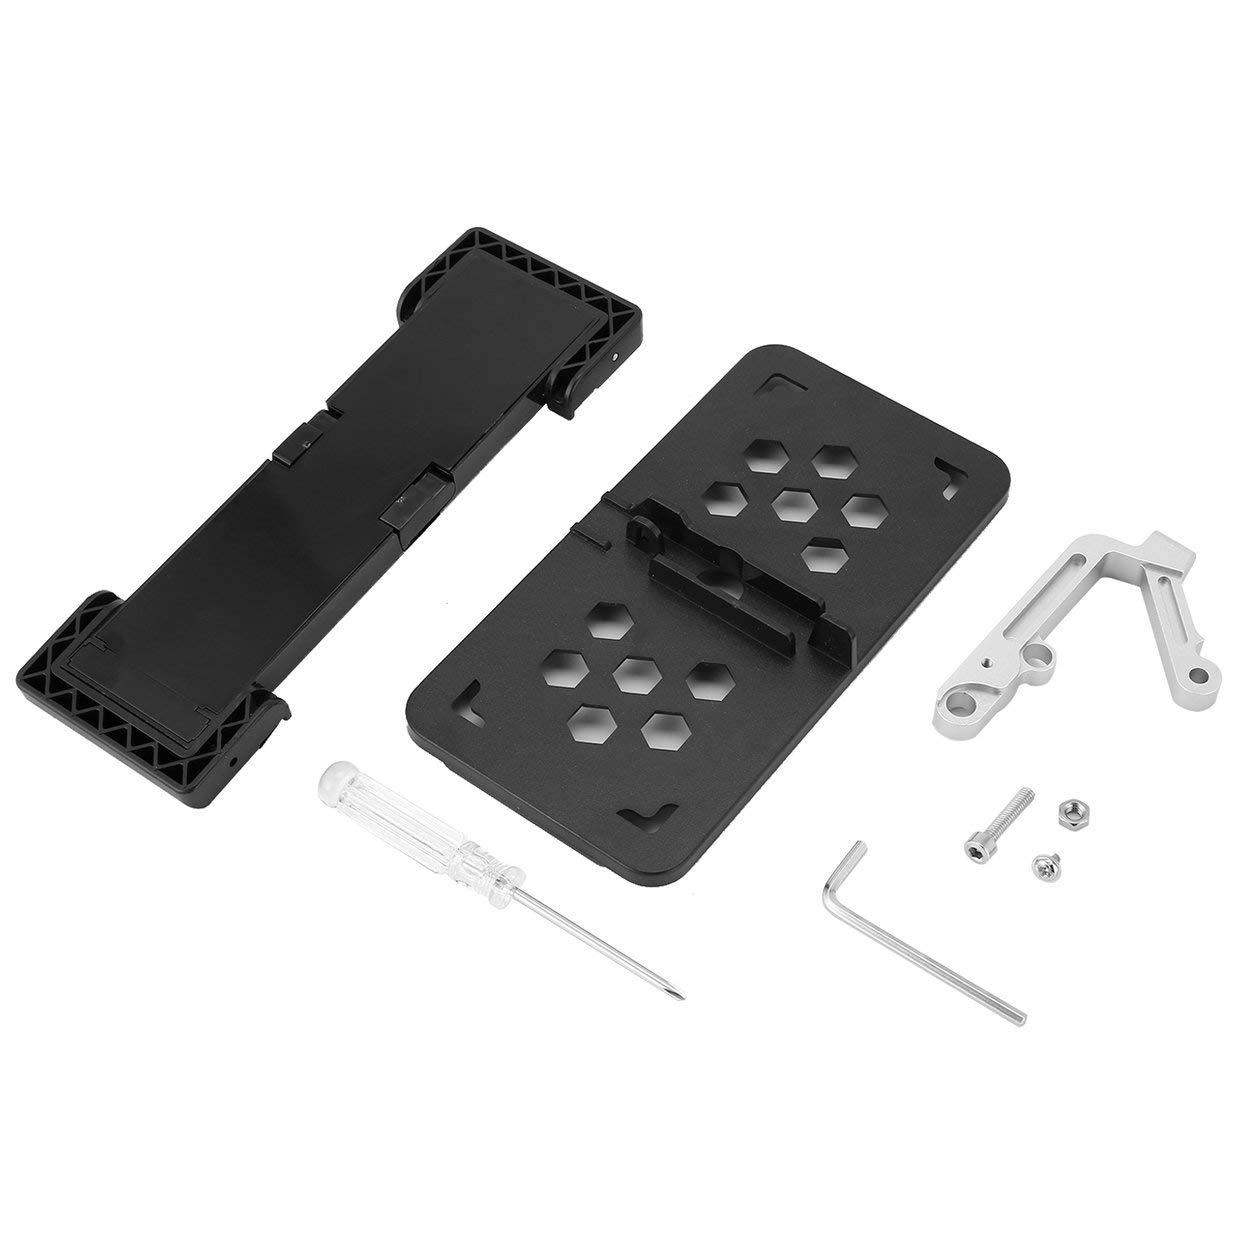 Para DJI MAVIC PRO/Air RC Drone Quadcopter Transmisor Controlador remoto Monitor Pad Smartphone Tablet Soporte Soporte Adaptador (color: negro): Amazon.es: Bebé